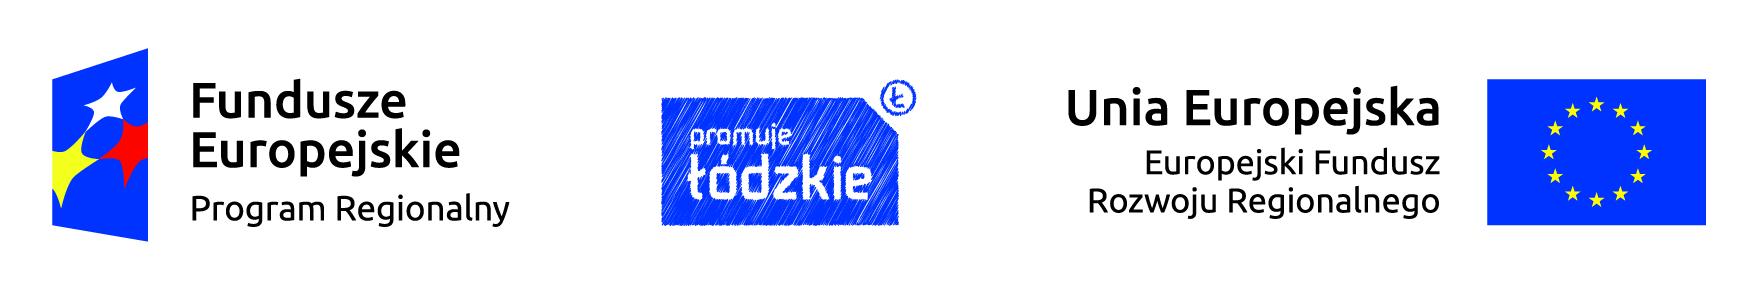 LOGOTYPY_KOL_EFRR_pl.jpg